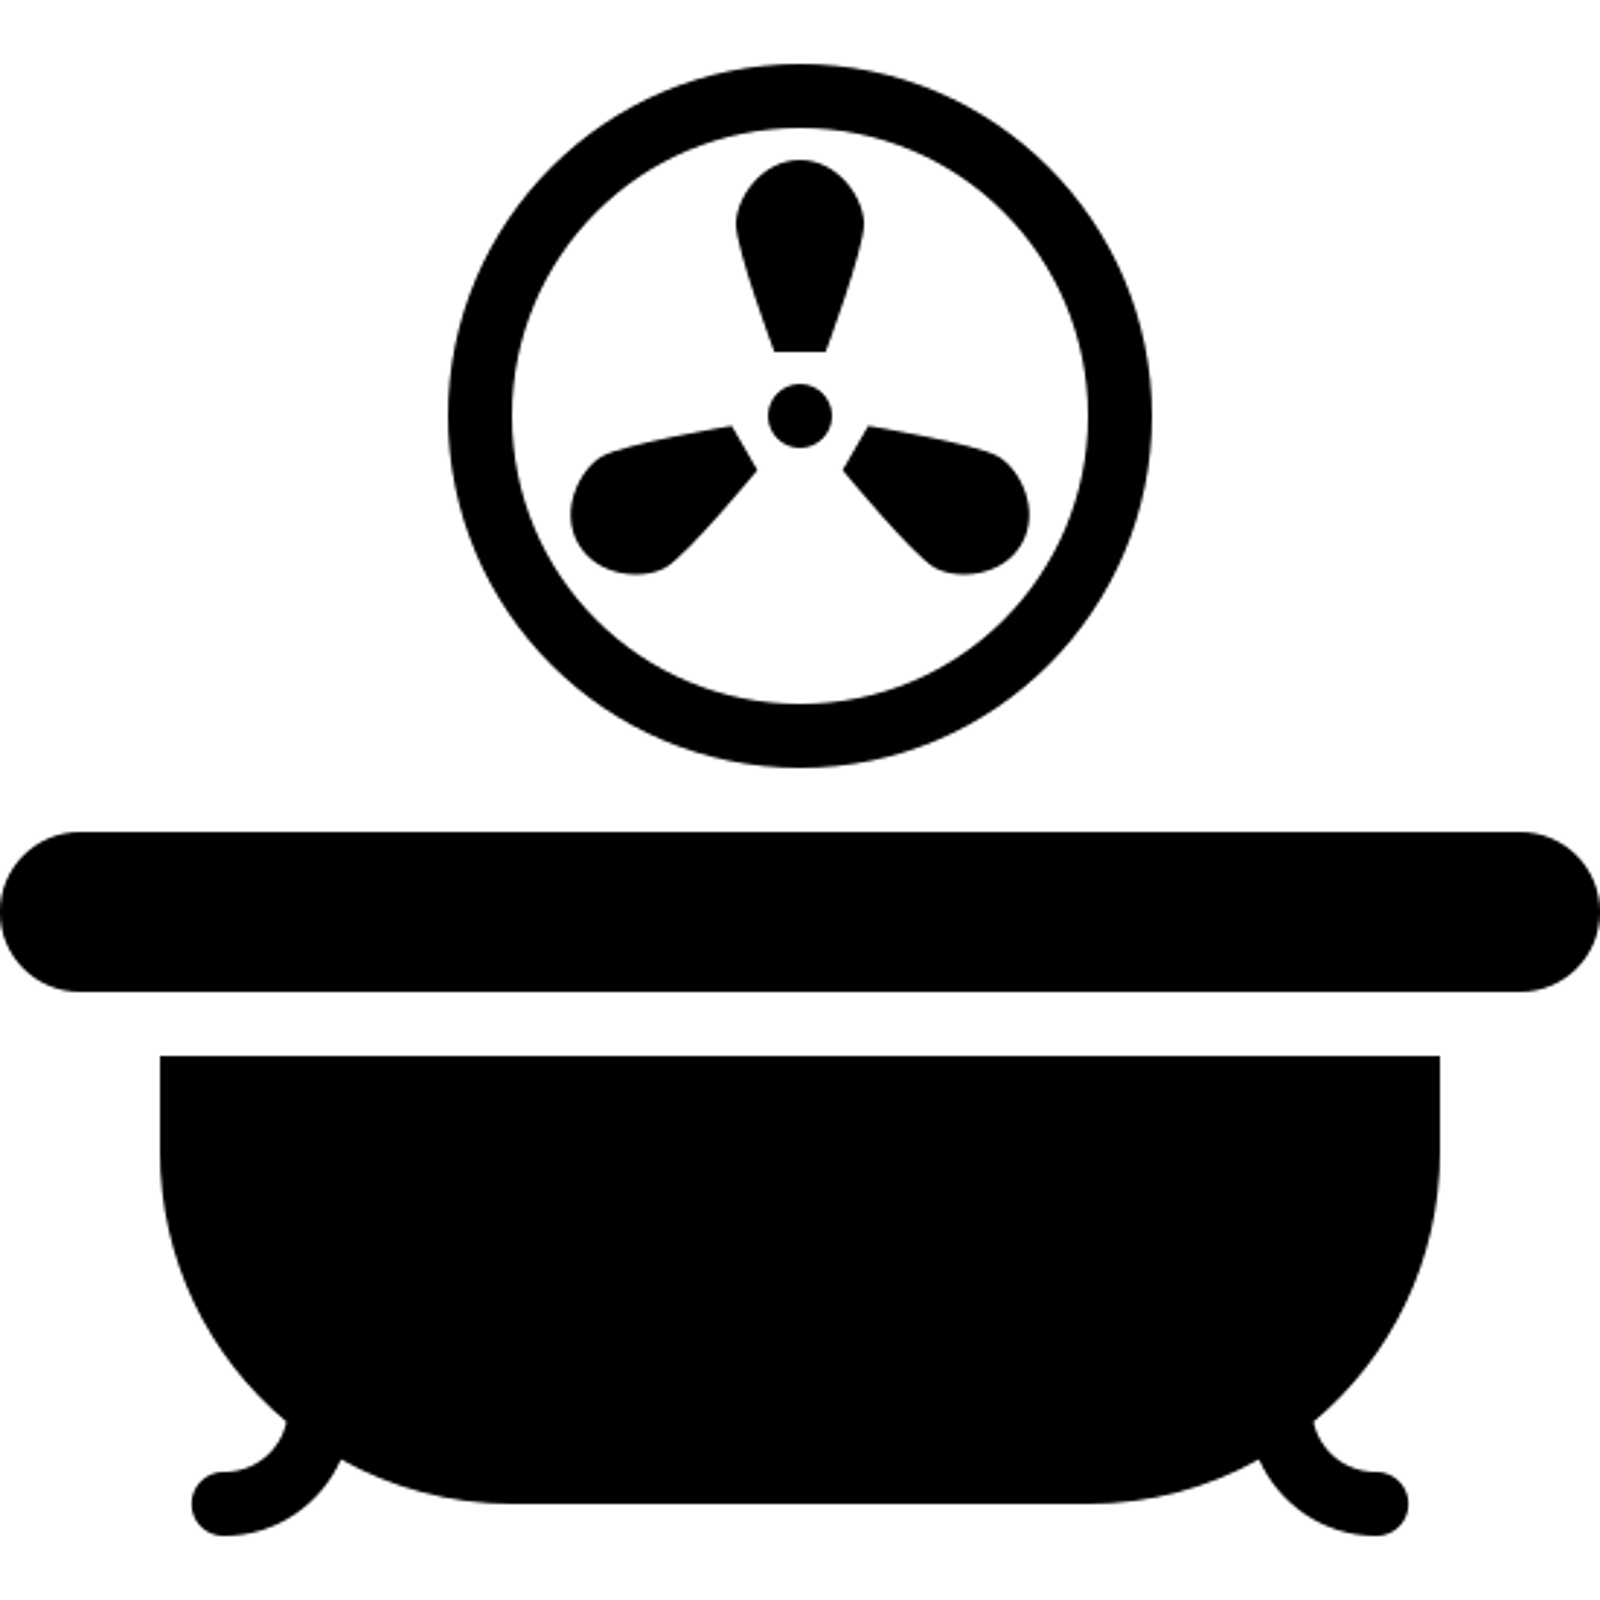 Bath Fan Filled icon